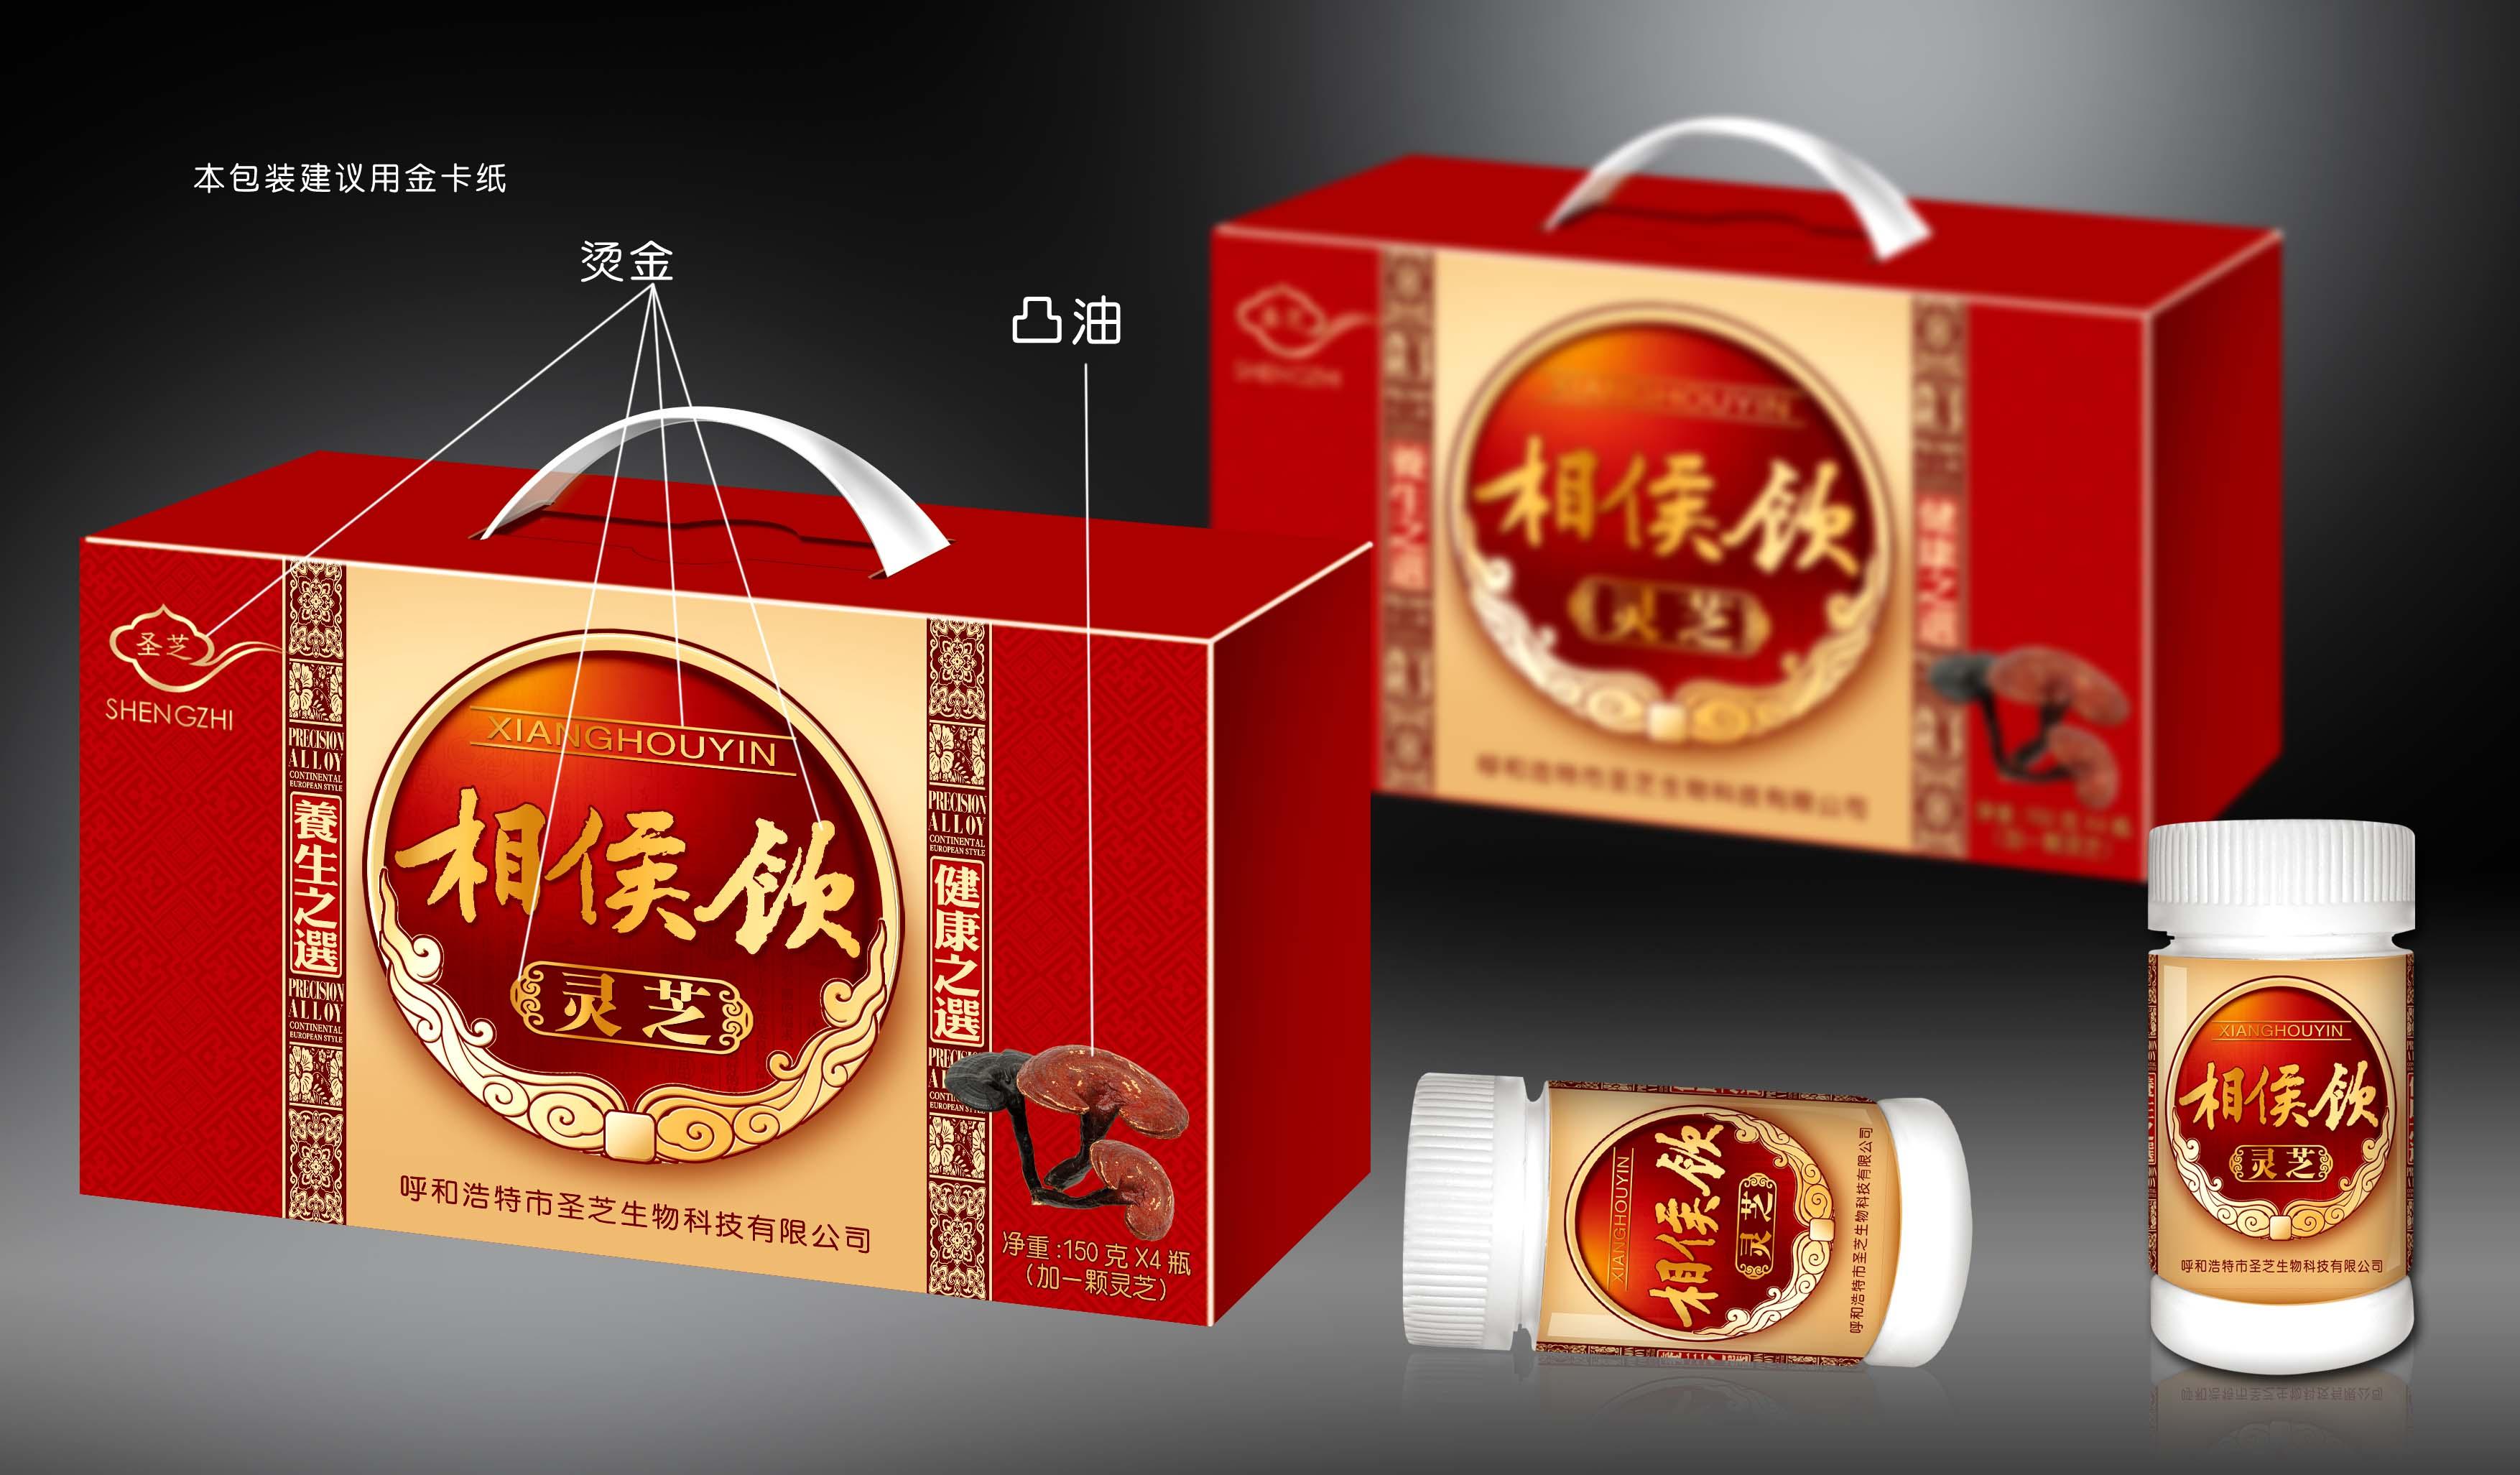 灵芝产品精品礼盒包装设计